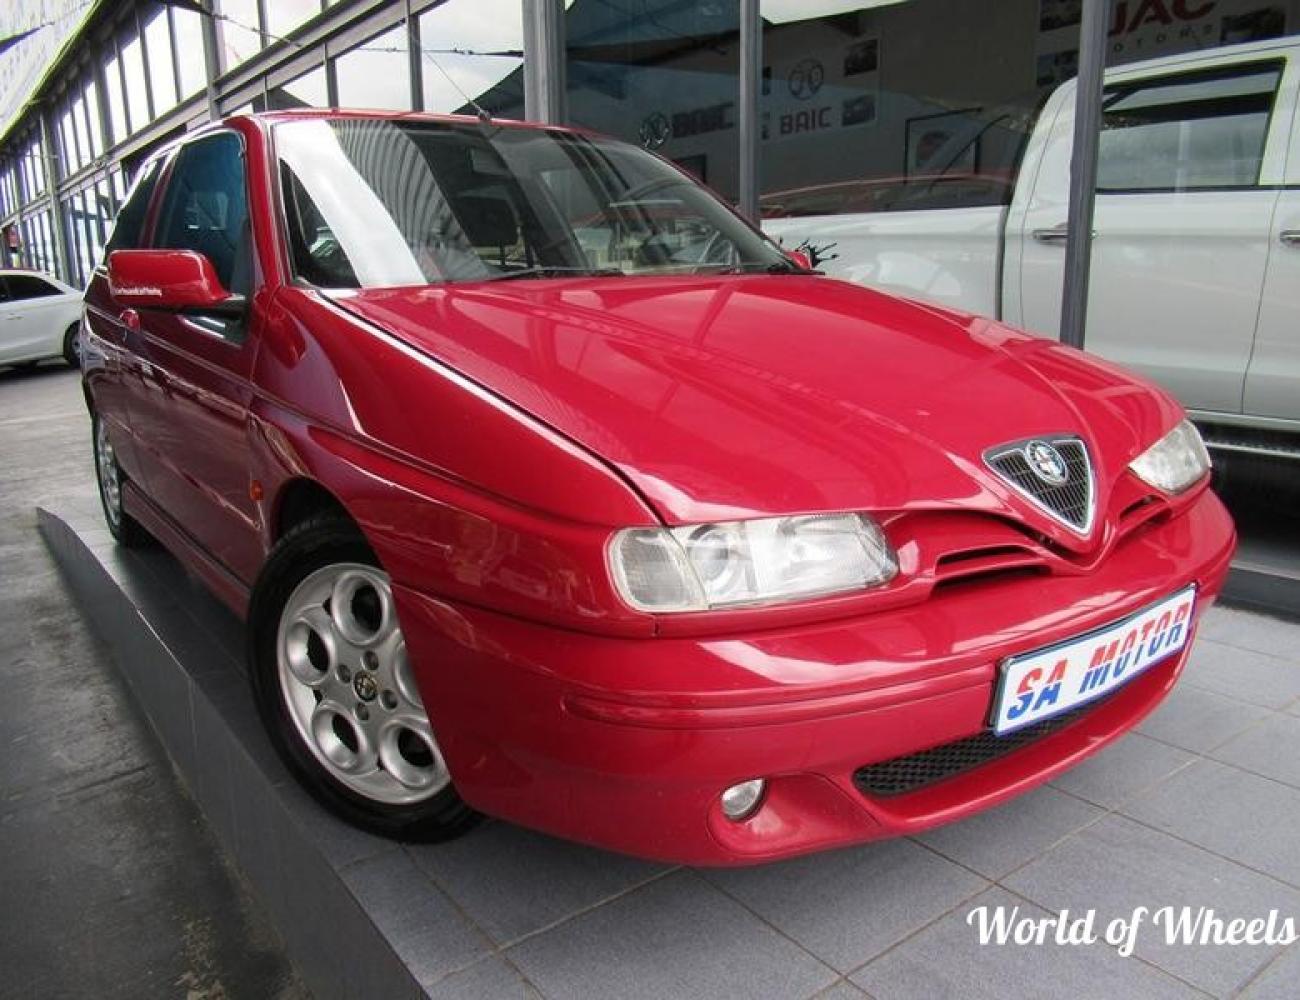 Alfa Romeo 145 2.0 Quadrifoglio